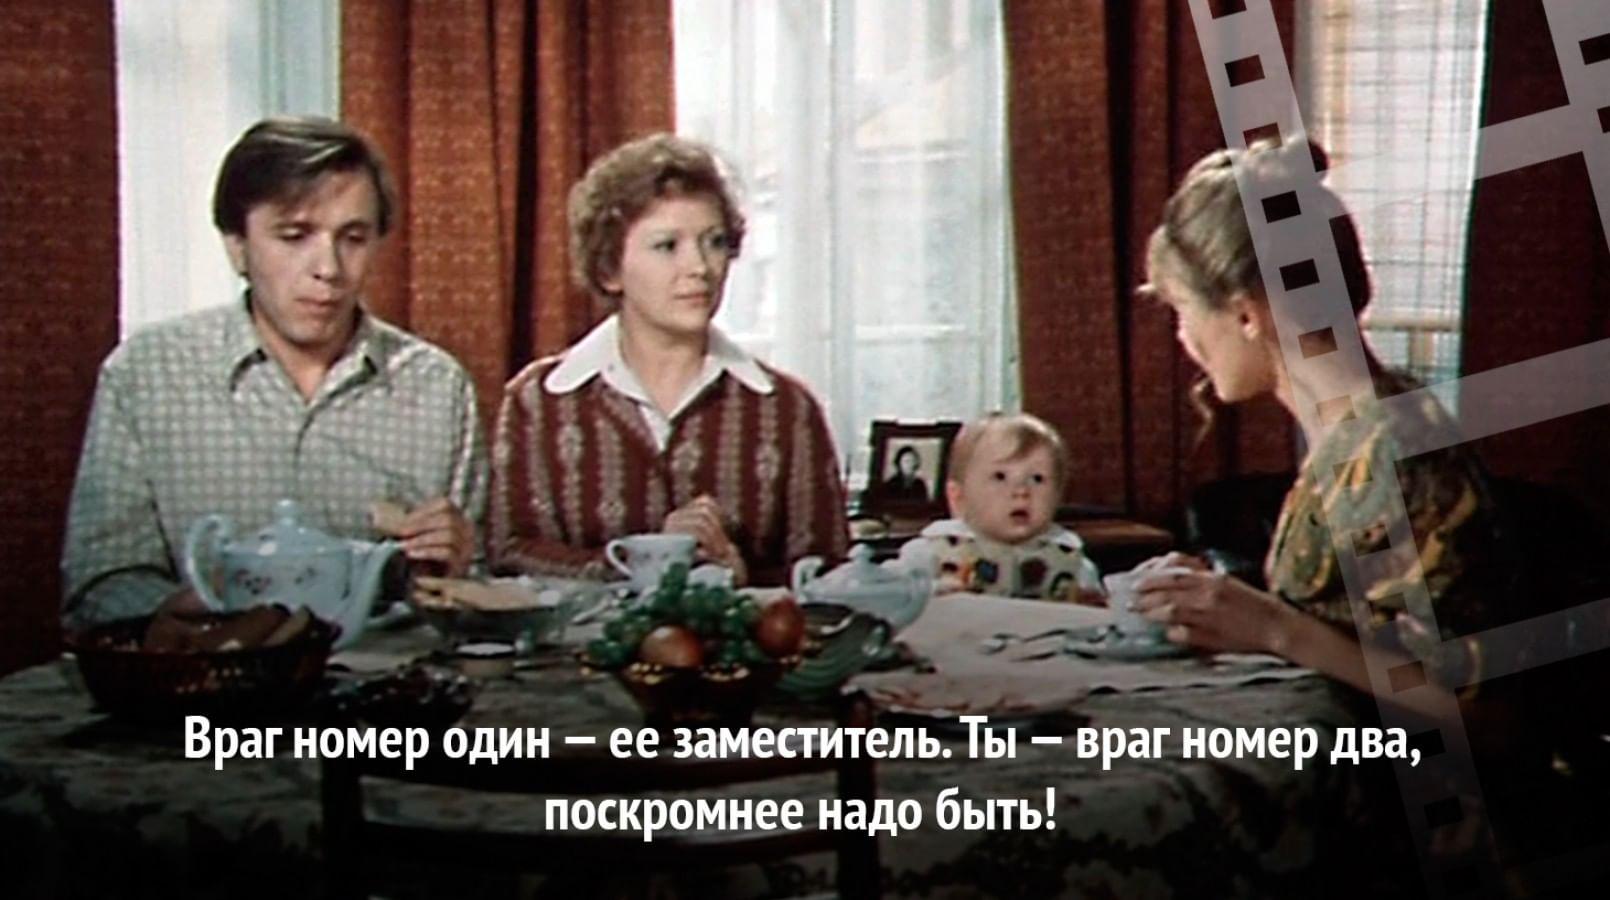 Кадр из фильма «По семейным обстоятельствам»